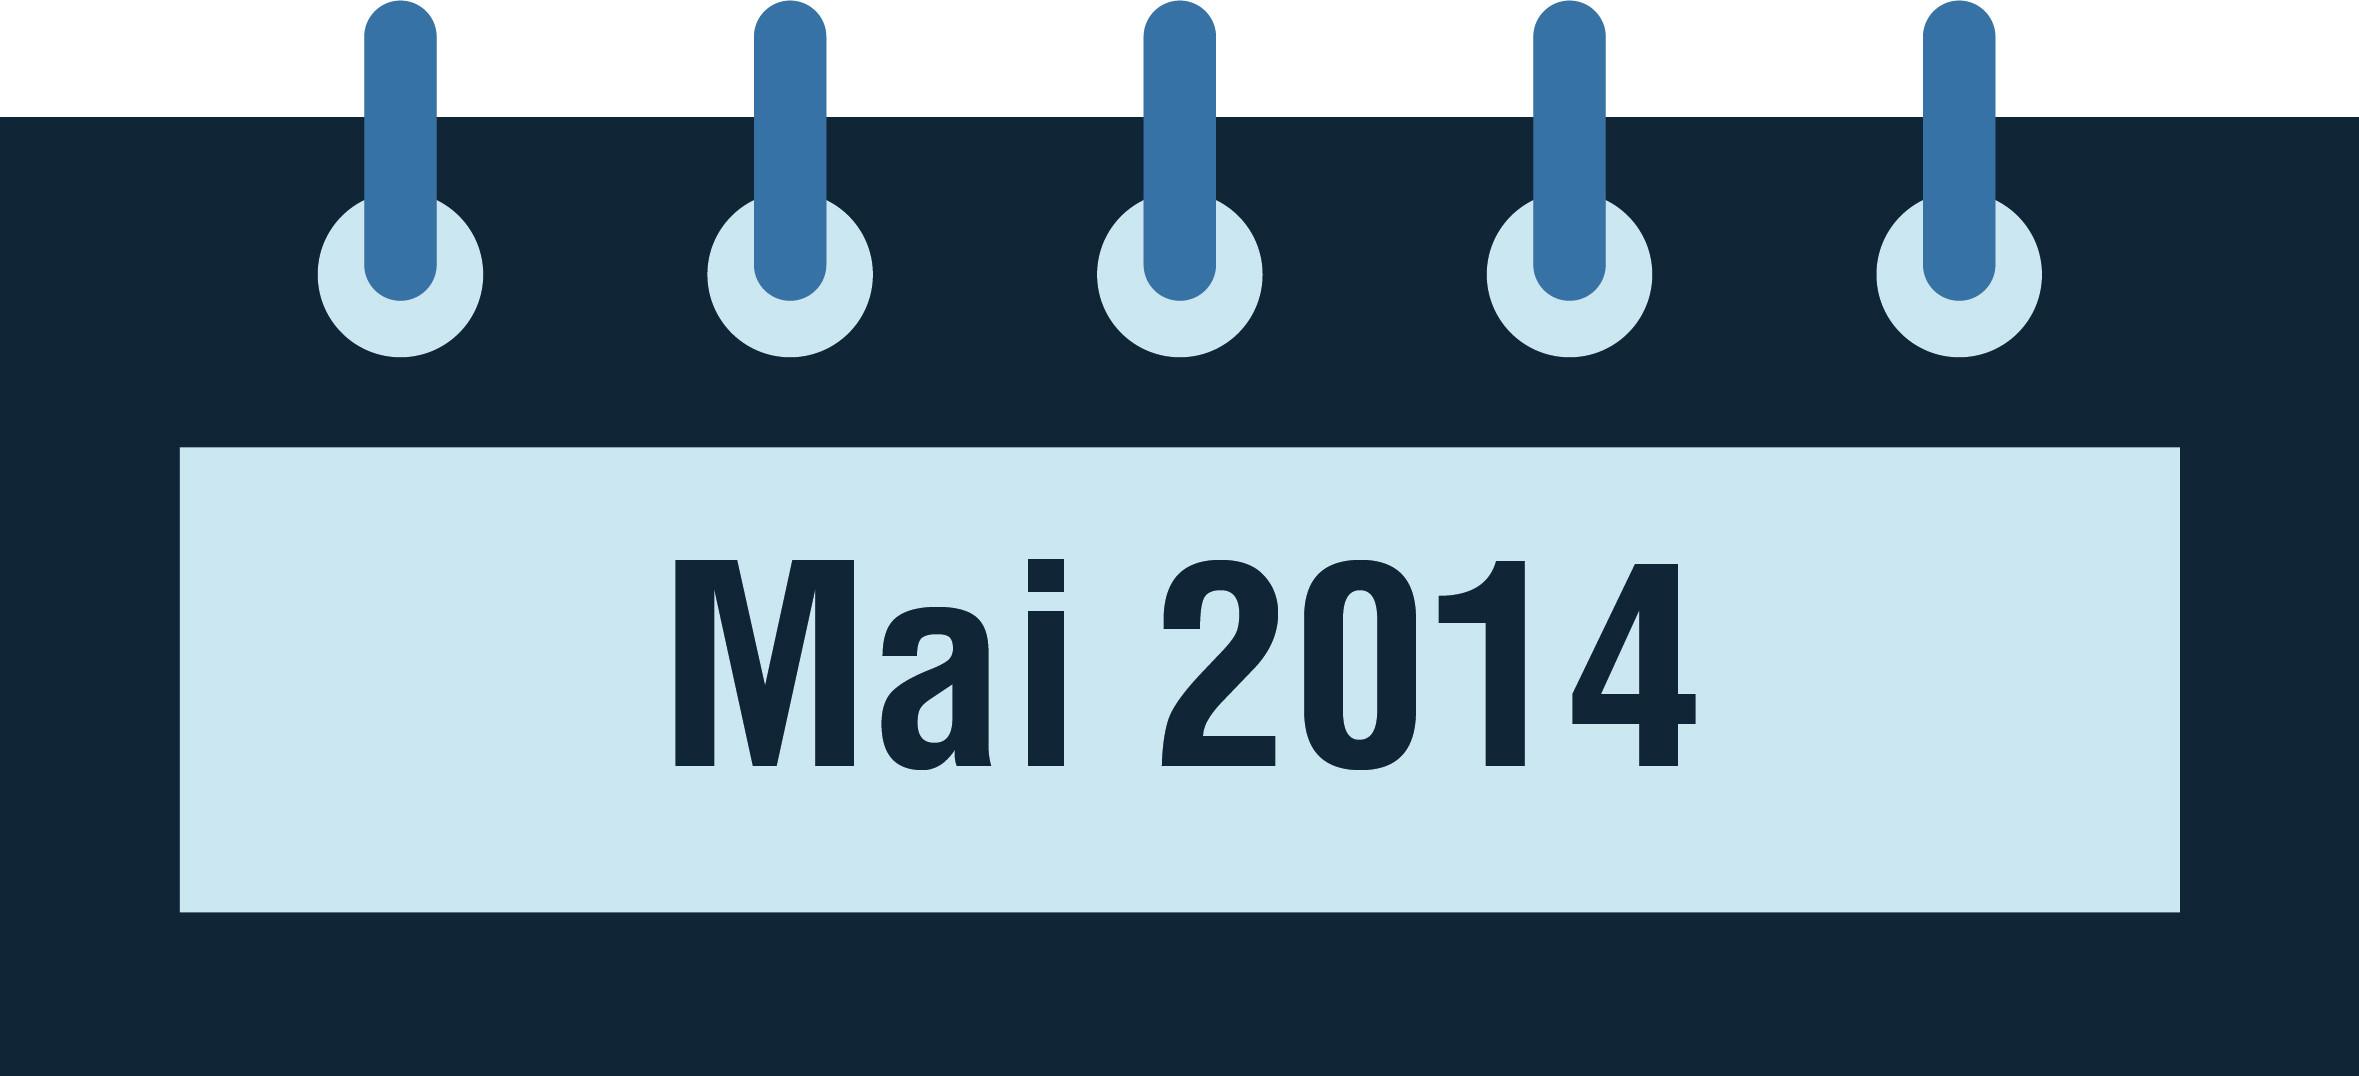 NeuroCheck Geschichte - Mai 2014 (Foto © NeuroCheck)